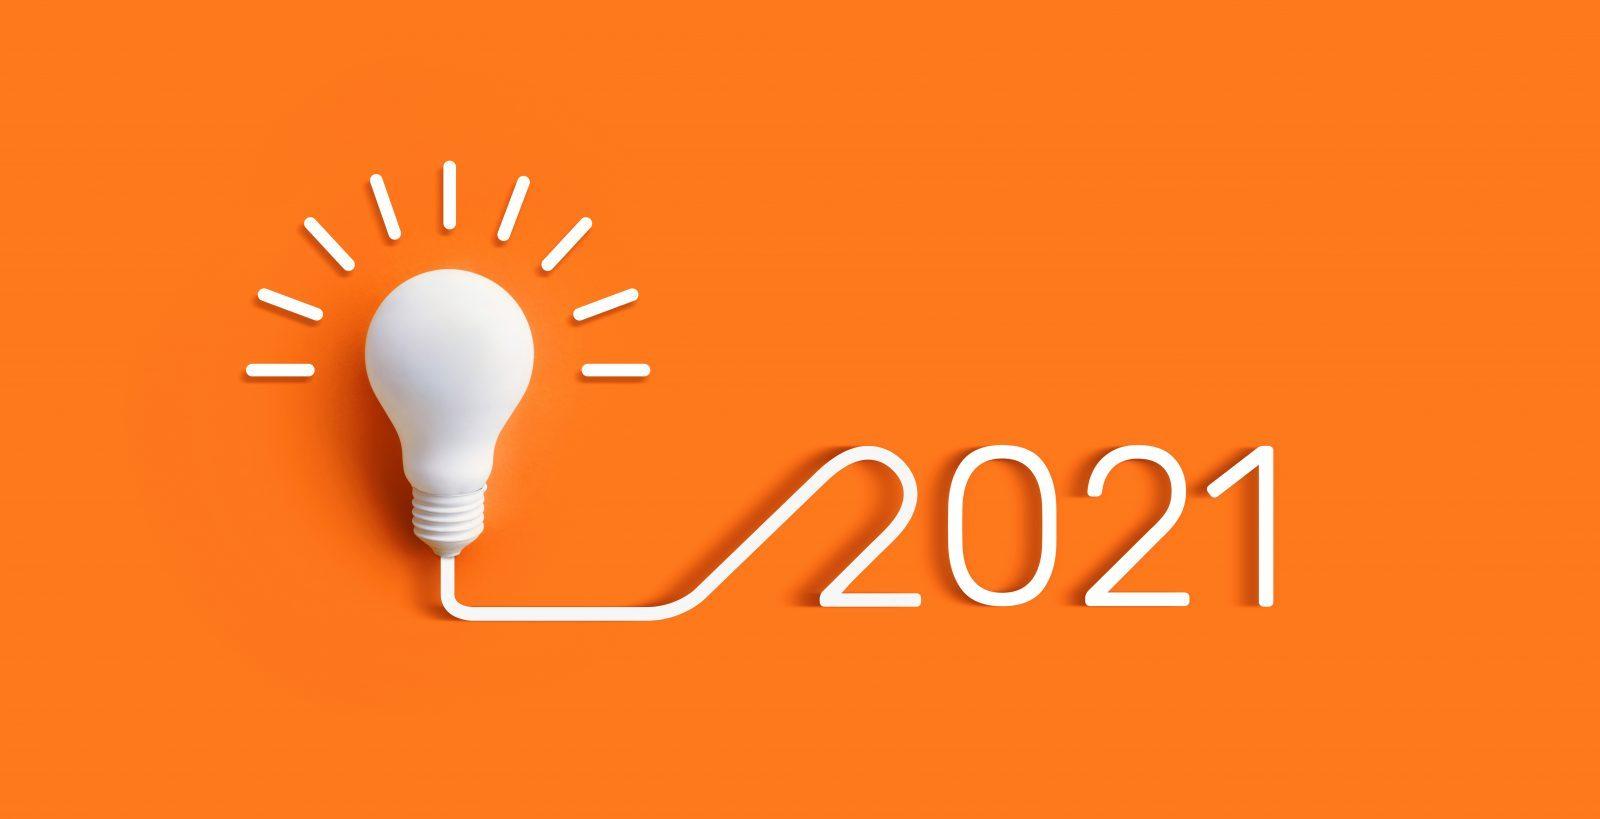 Cele mai noi tendinţe de design grafic pentru 2021